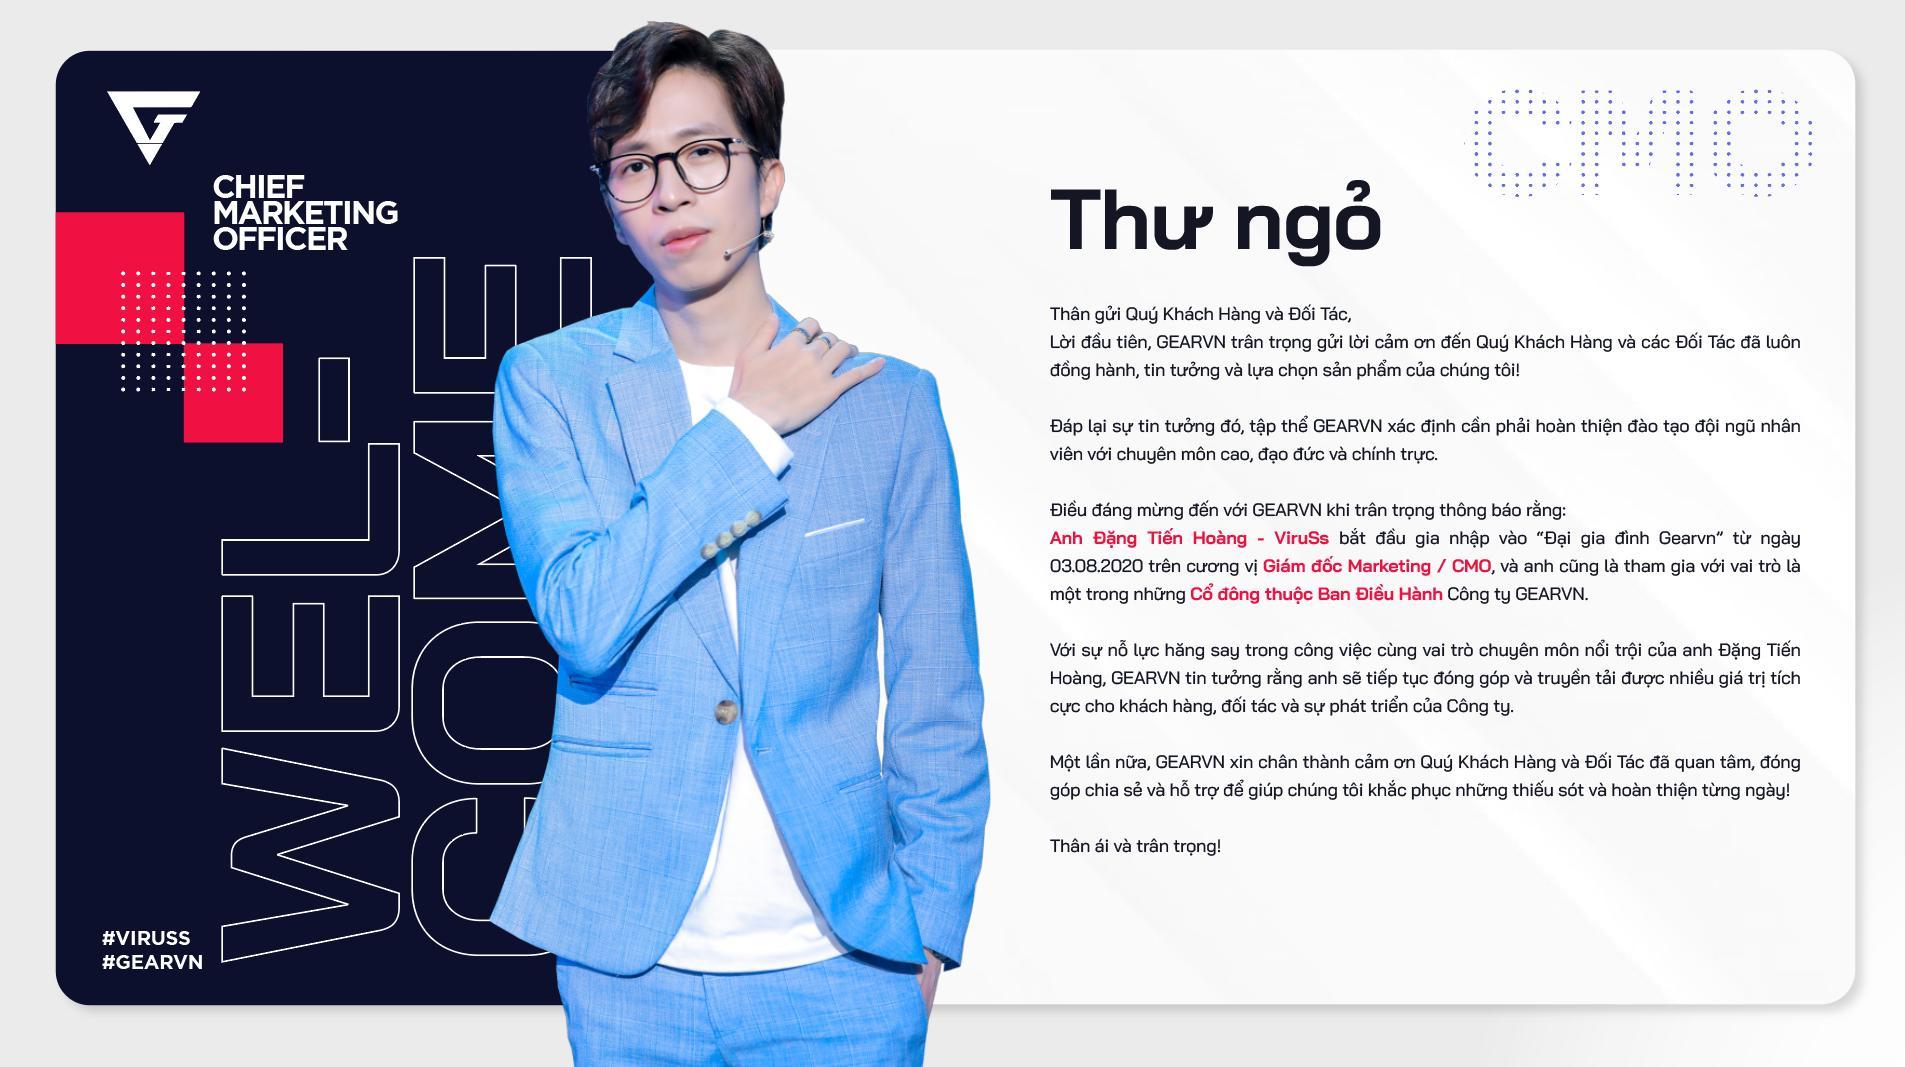 Hoàng ViruSs làm giám đốc Marketing cho Gearvn